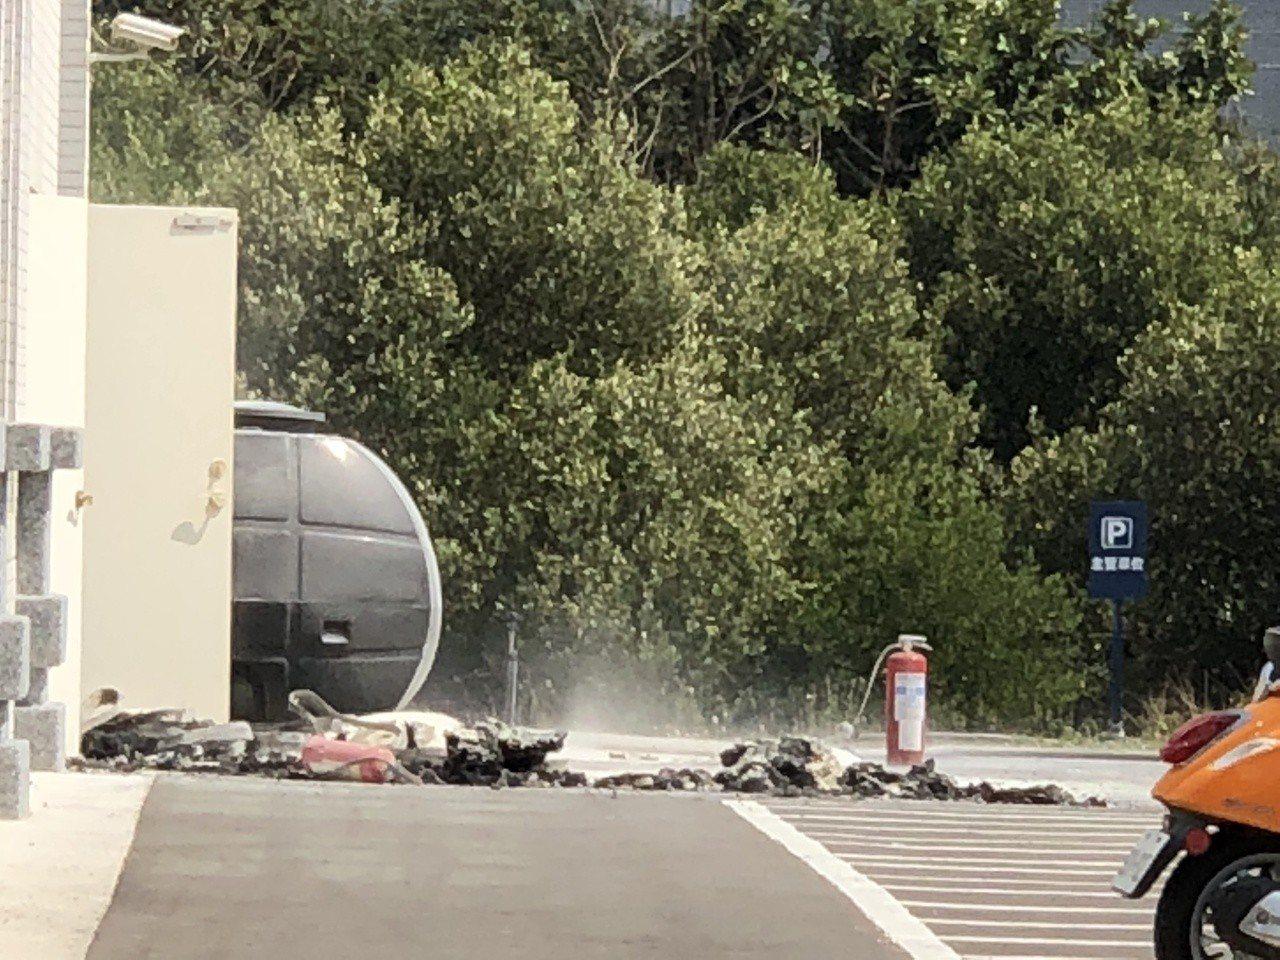 廠區可見員工及消防人員移除鈦金屬等殘渣。記者邵心杰/攝影